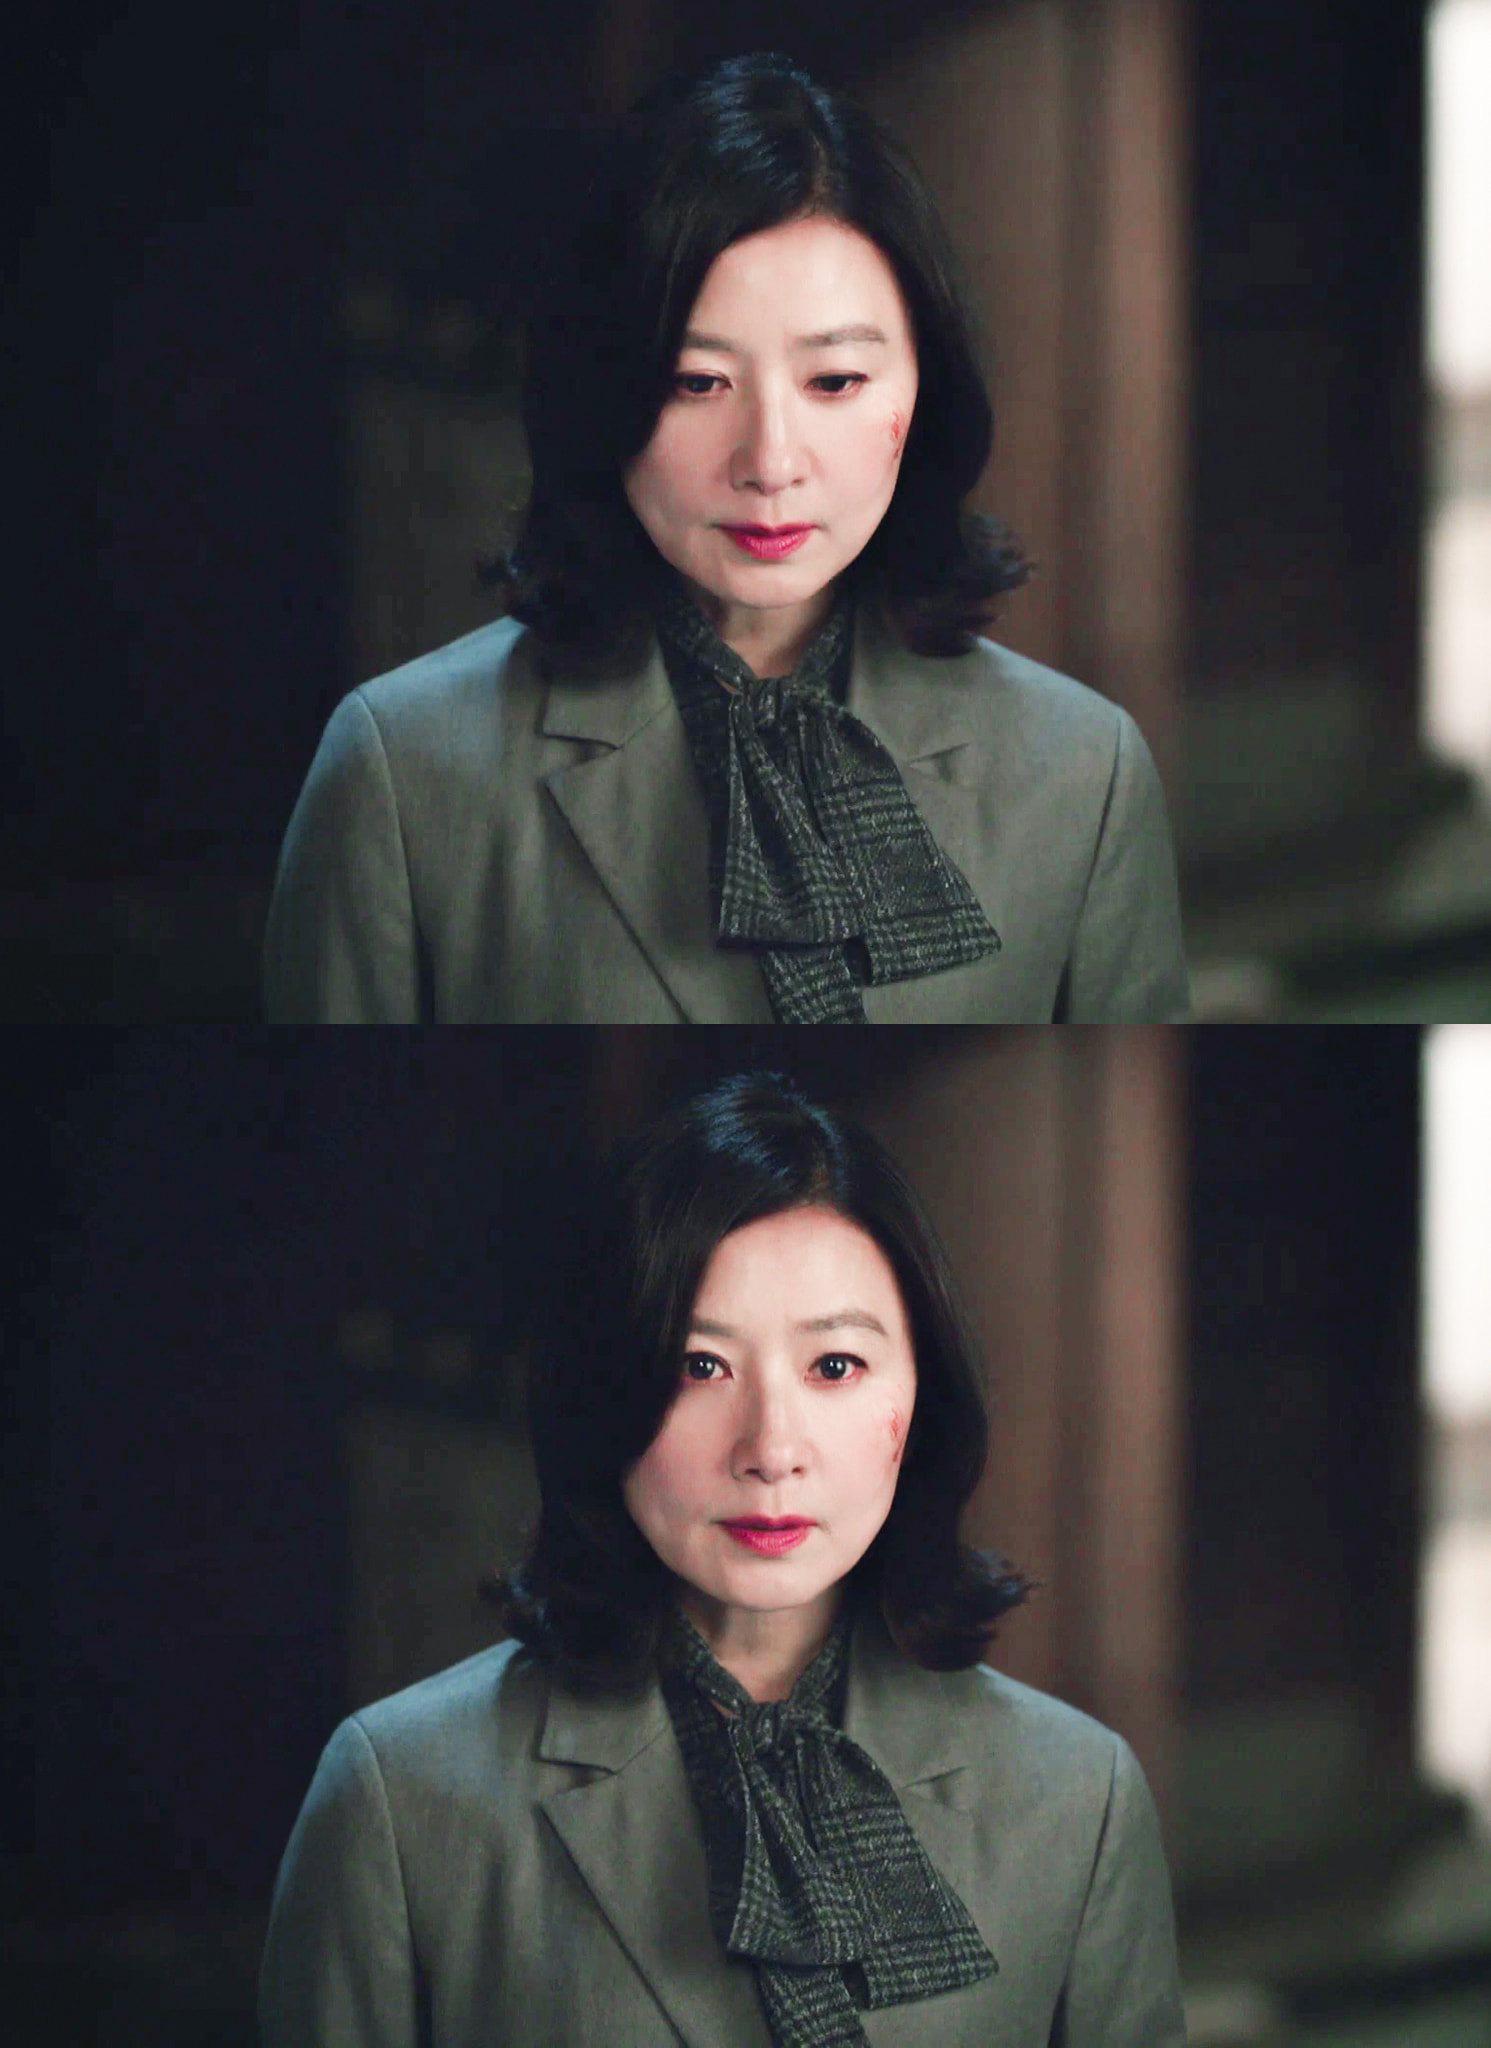 Nàng công sở ngoài 30 học lỏm được 4 điều thầm kín từ phong cách của 2 chị vợ cao tay chuyên trị tiểu tam trong phim Hàn-19